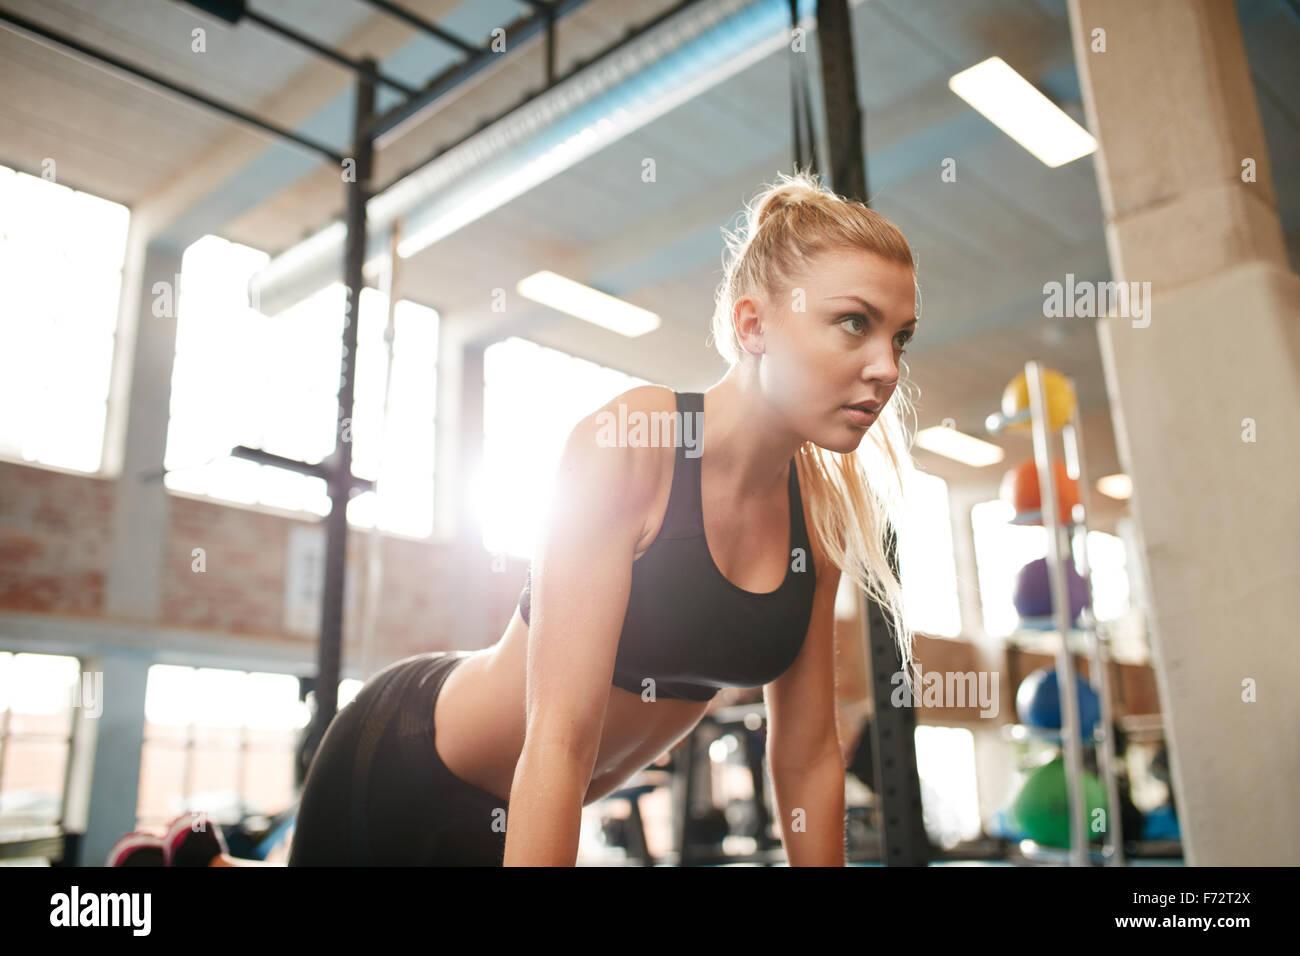 Piscina colpo di giovane donna fitness facendo spingere ups in palestra. Femmina caucasica di lavoro nel club salute. Immagini Stock